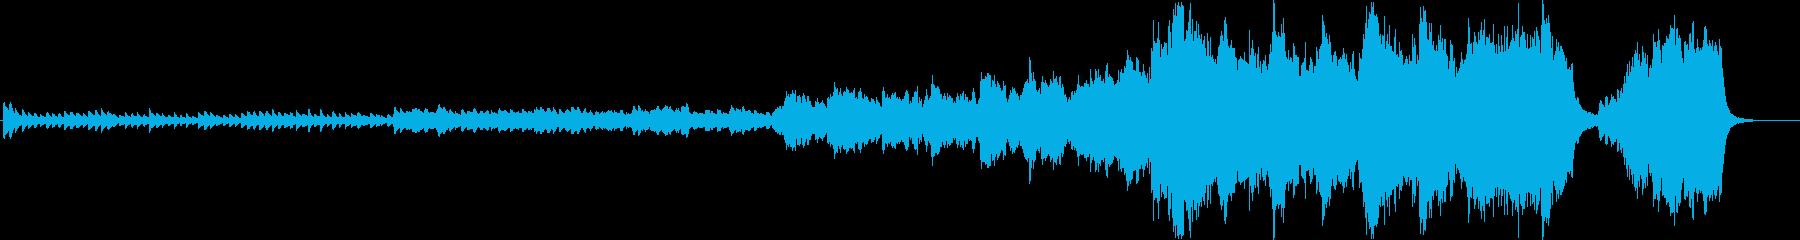 ピアノソロから次第に壮大になるバラードの再生済みの波形